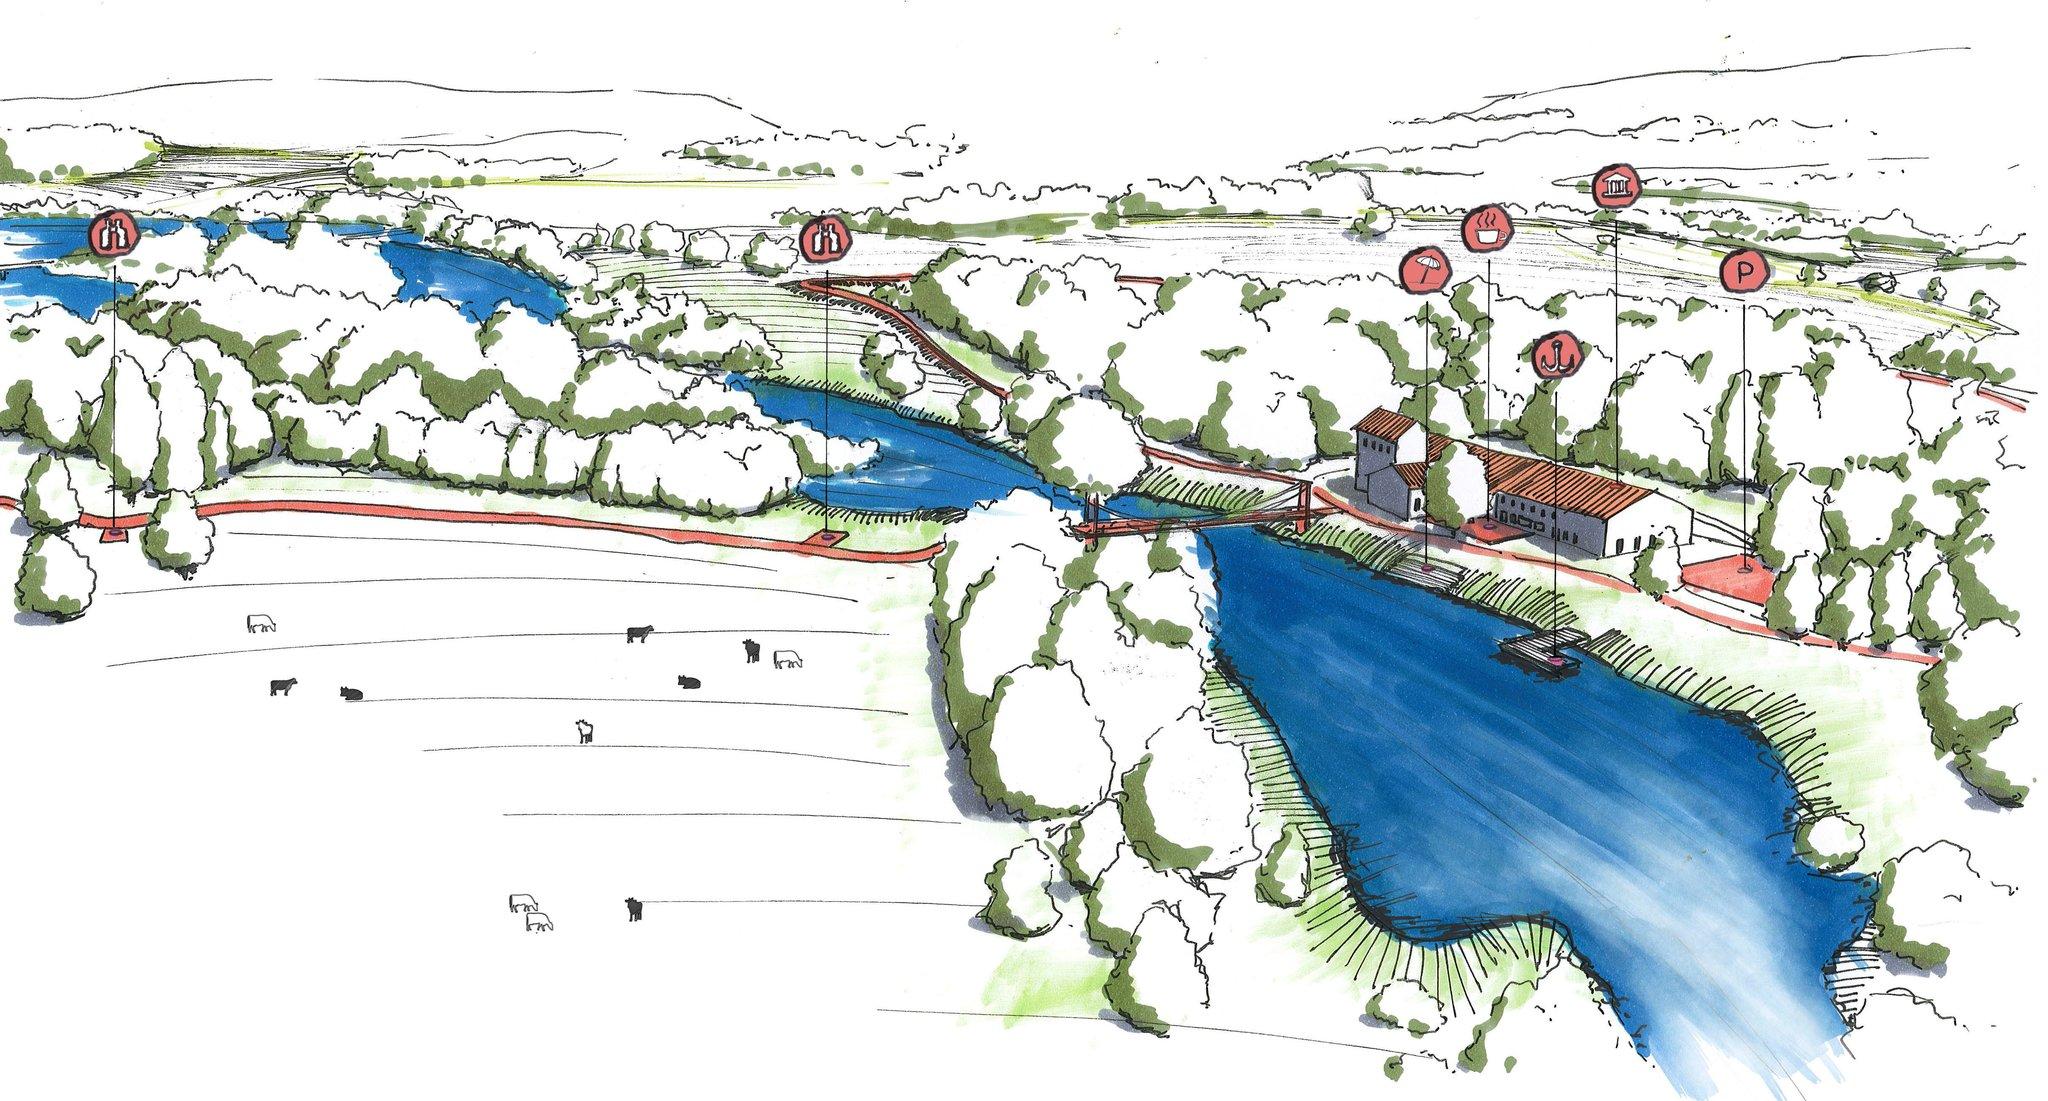 Workshop Wasserwerk: Stadt Wetter freut sich über...